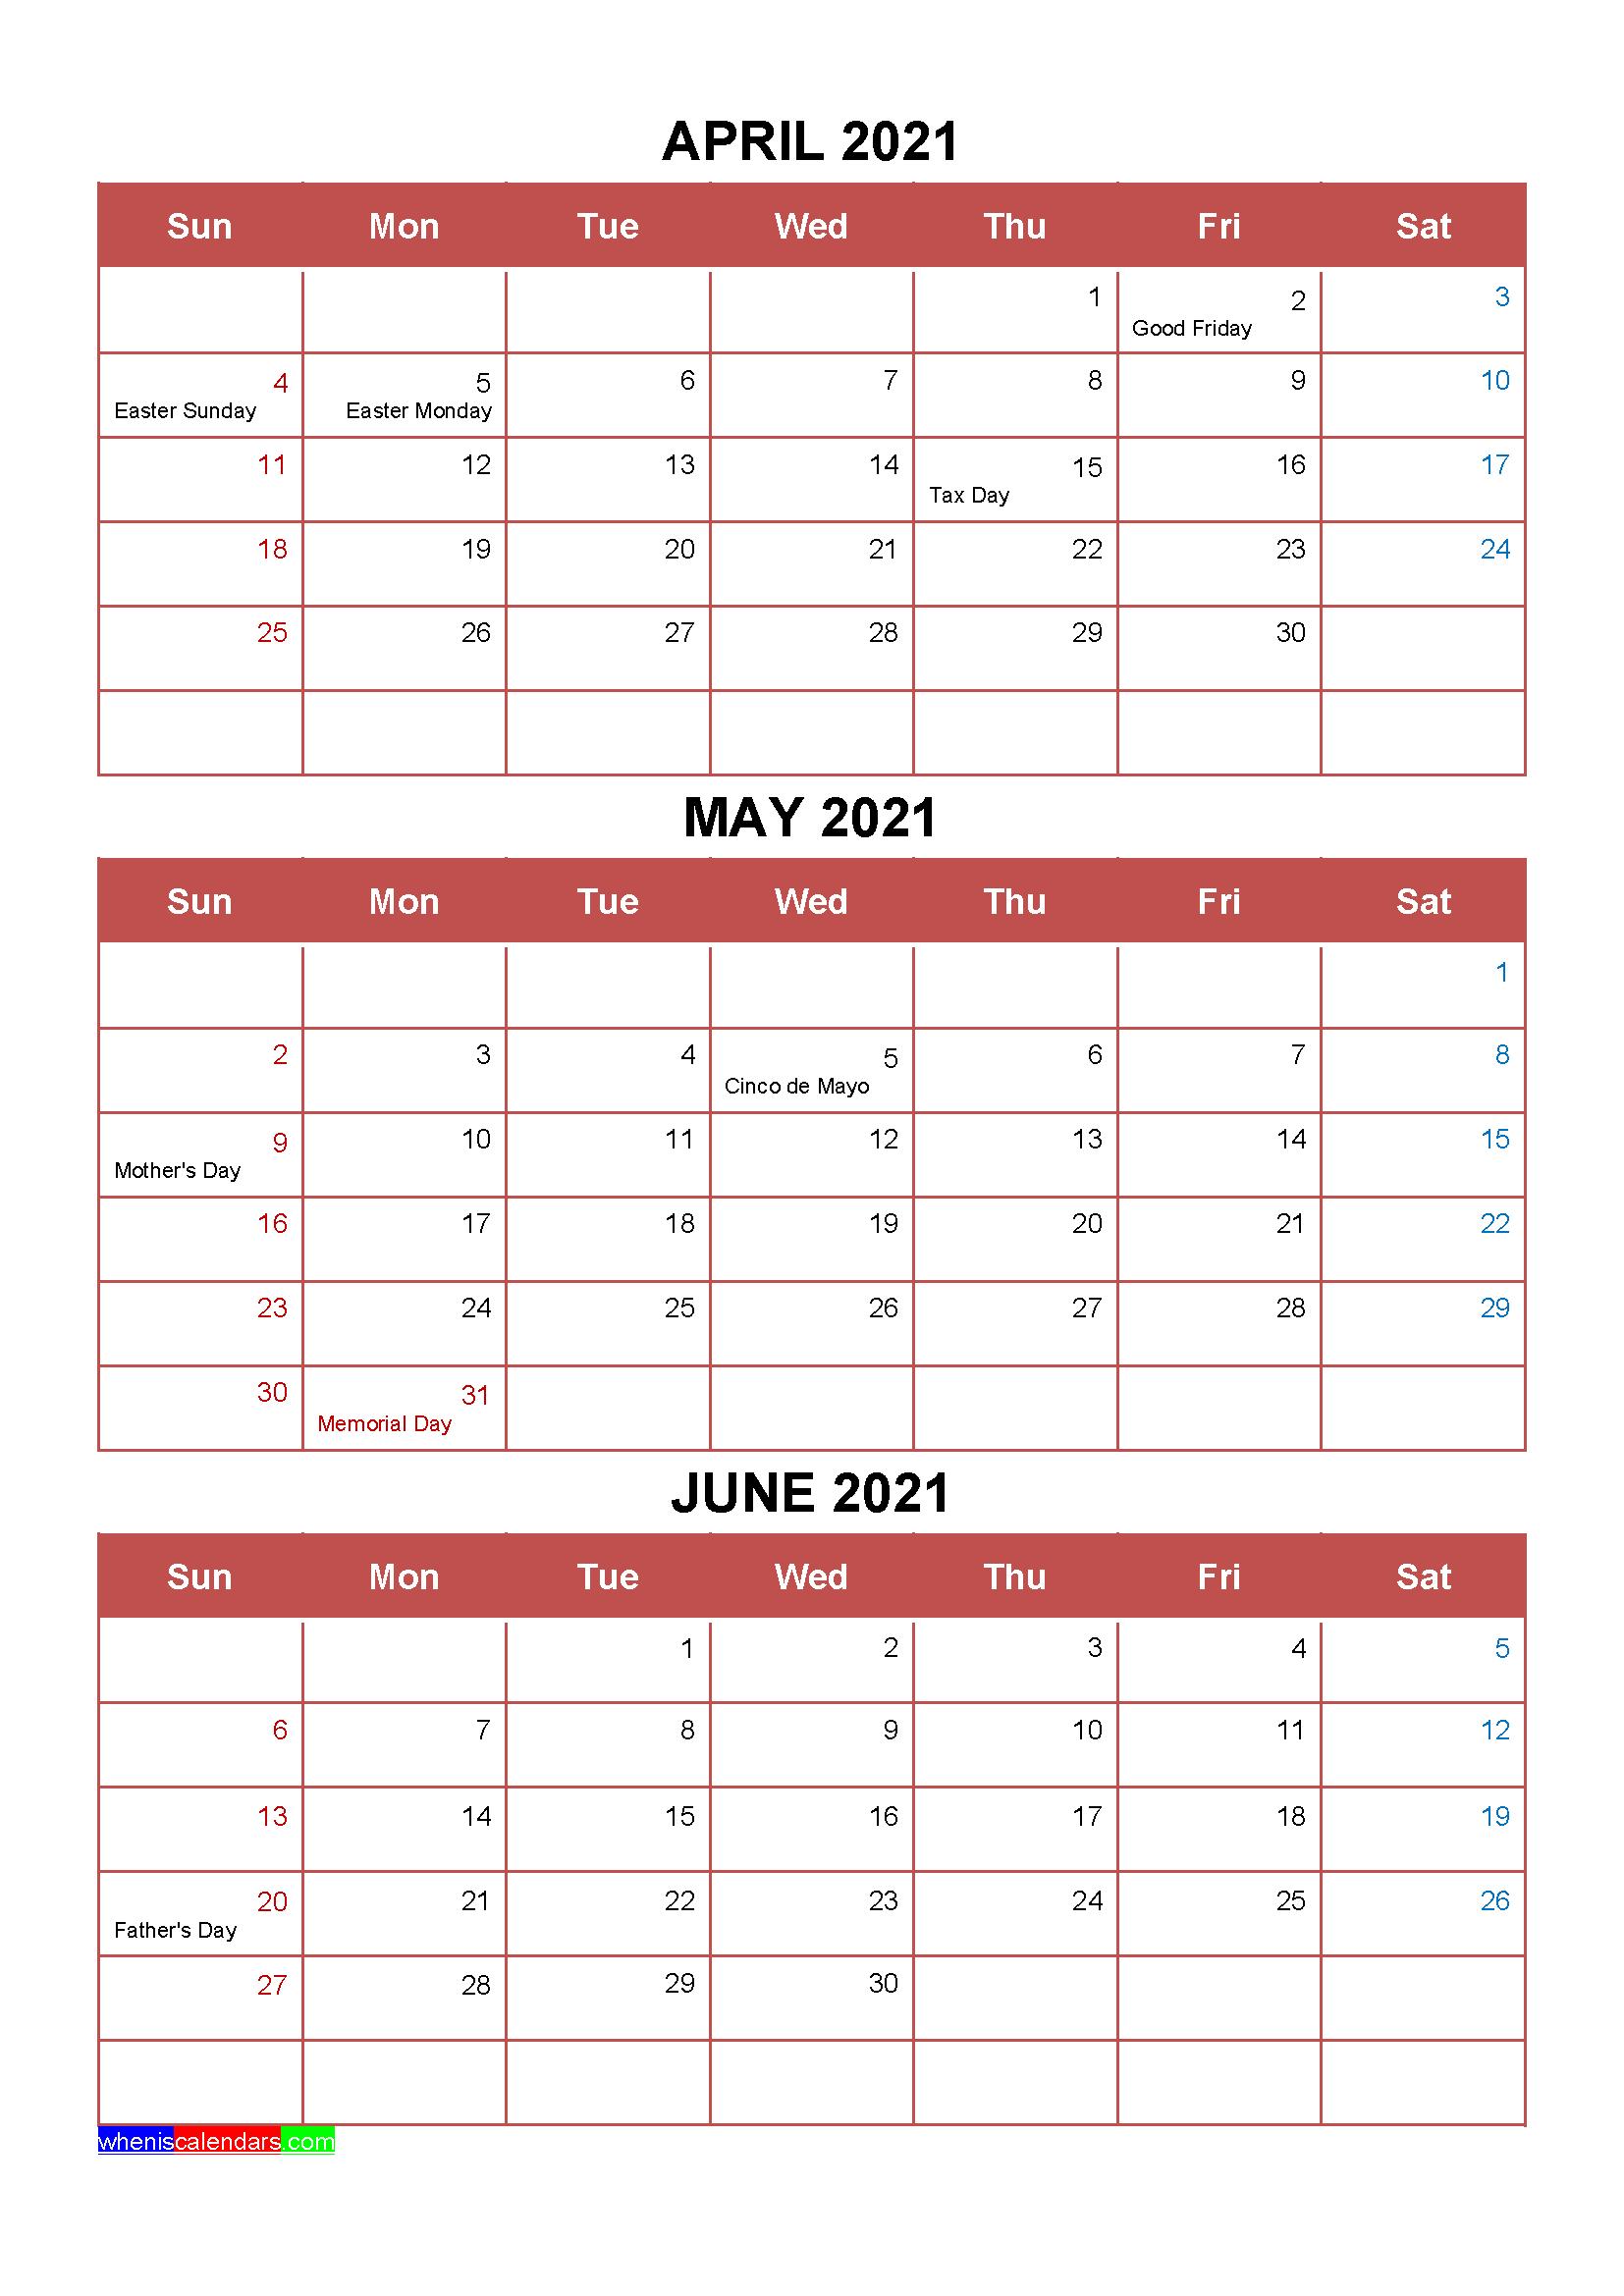 Calendar Quarters 2021 Free April May June 2021 Calendar with Holidays [Four Quarters